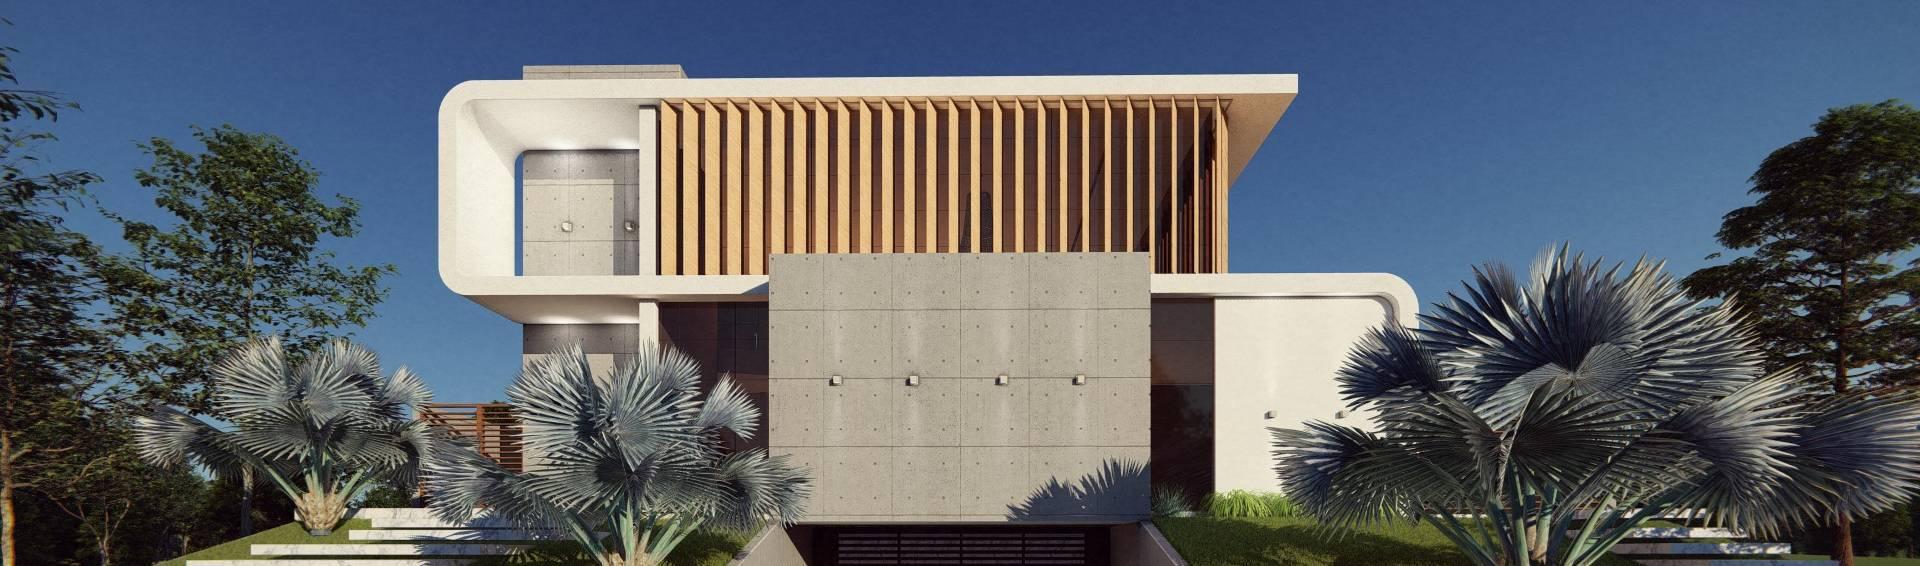 Vortice Arquitetura